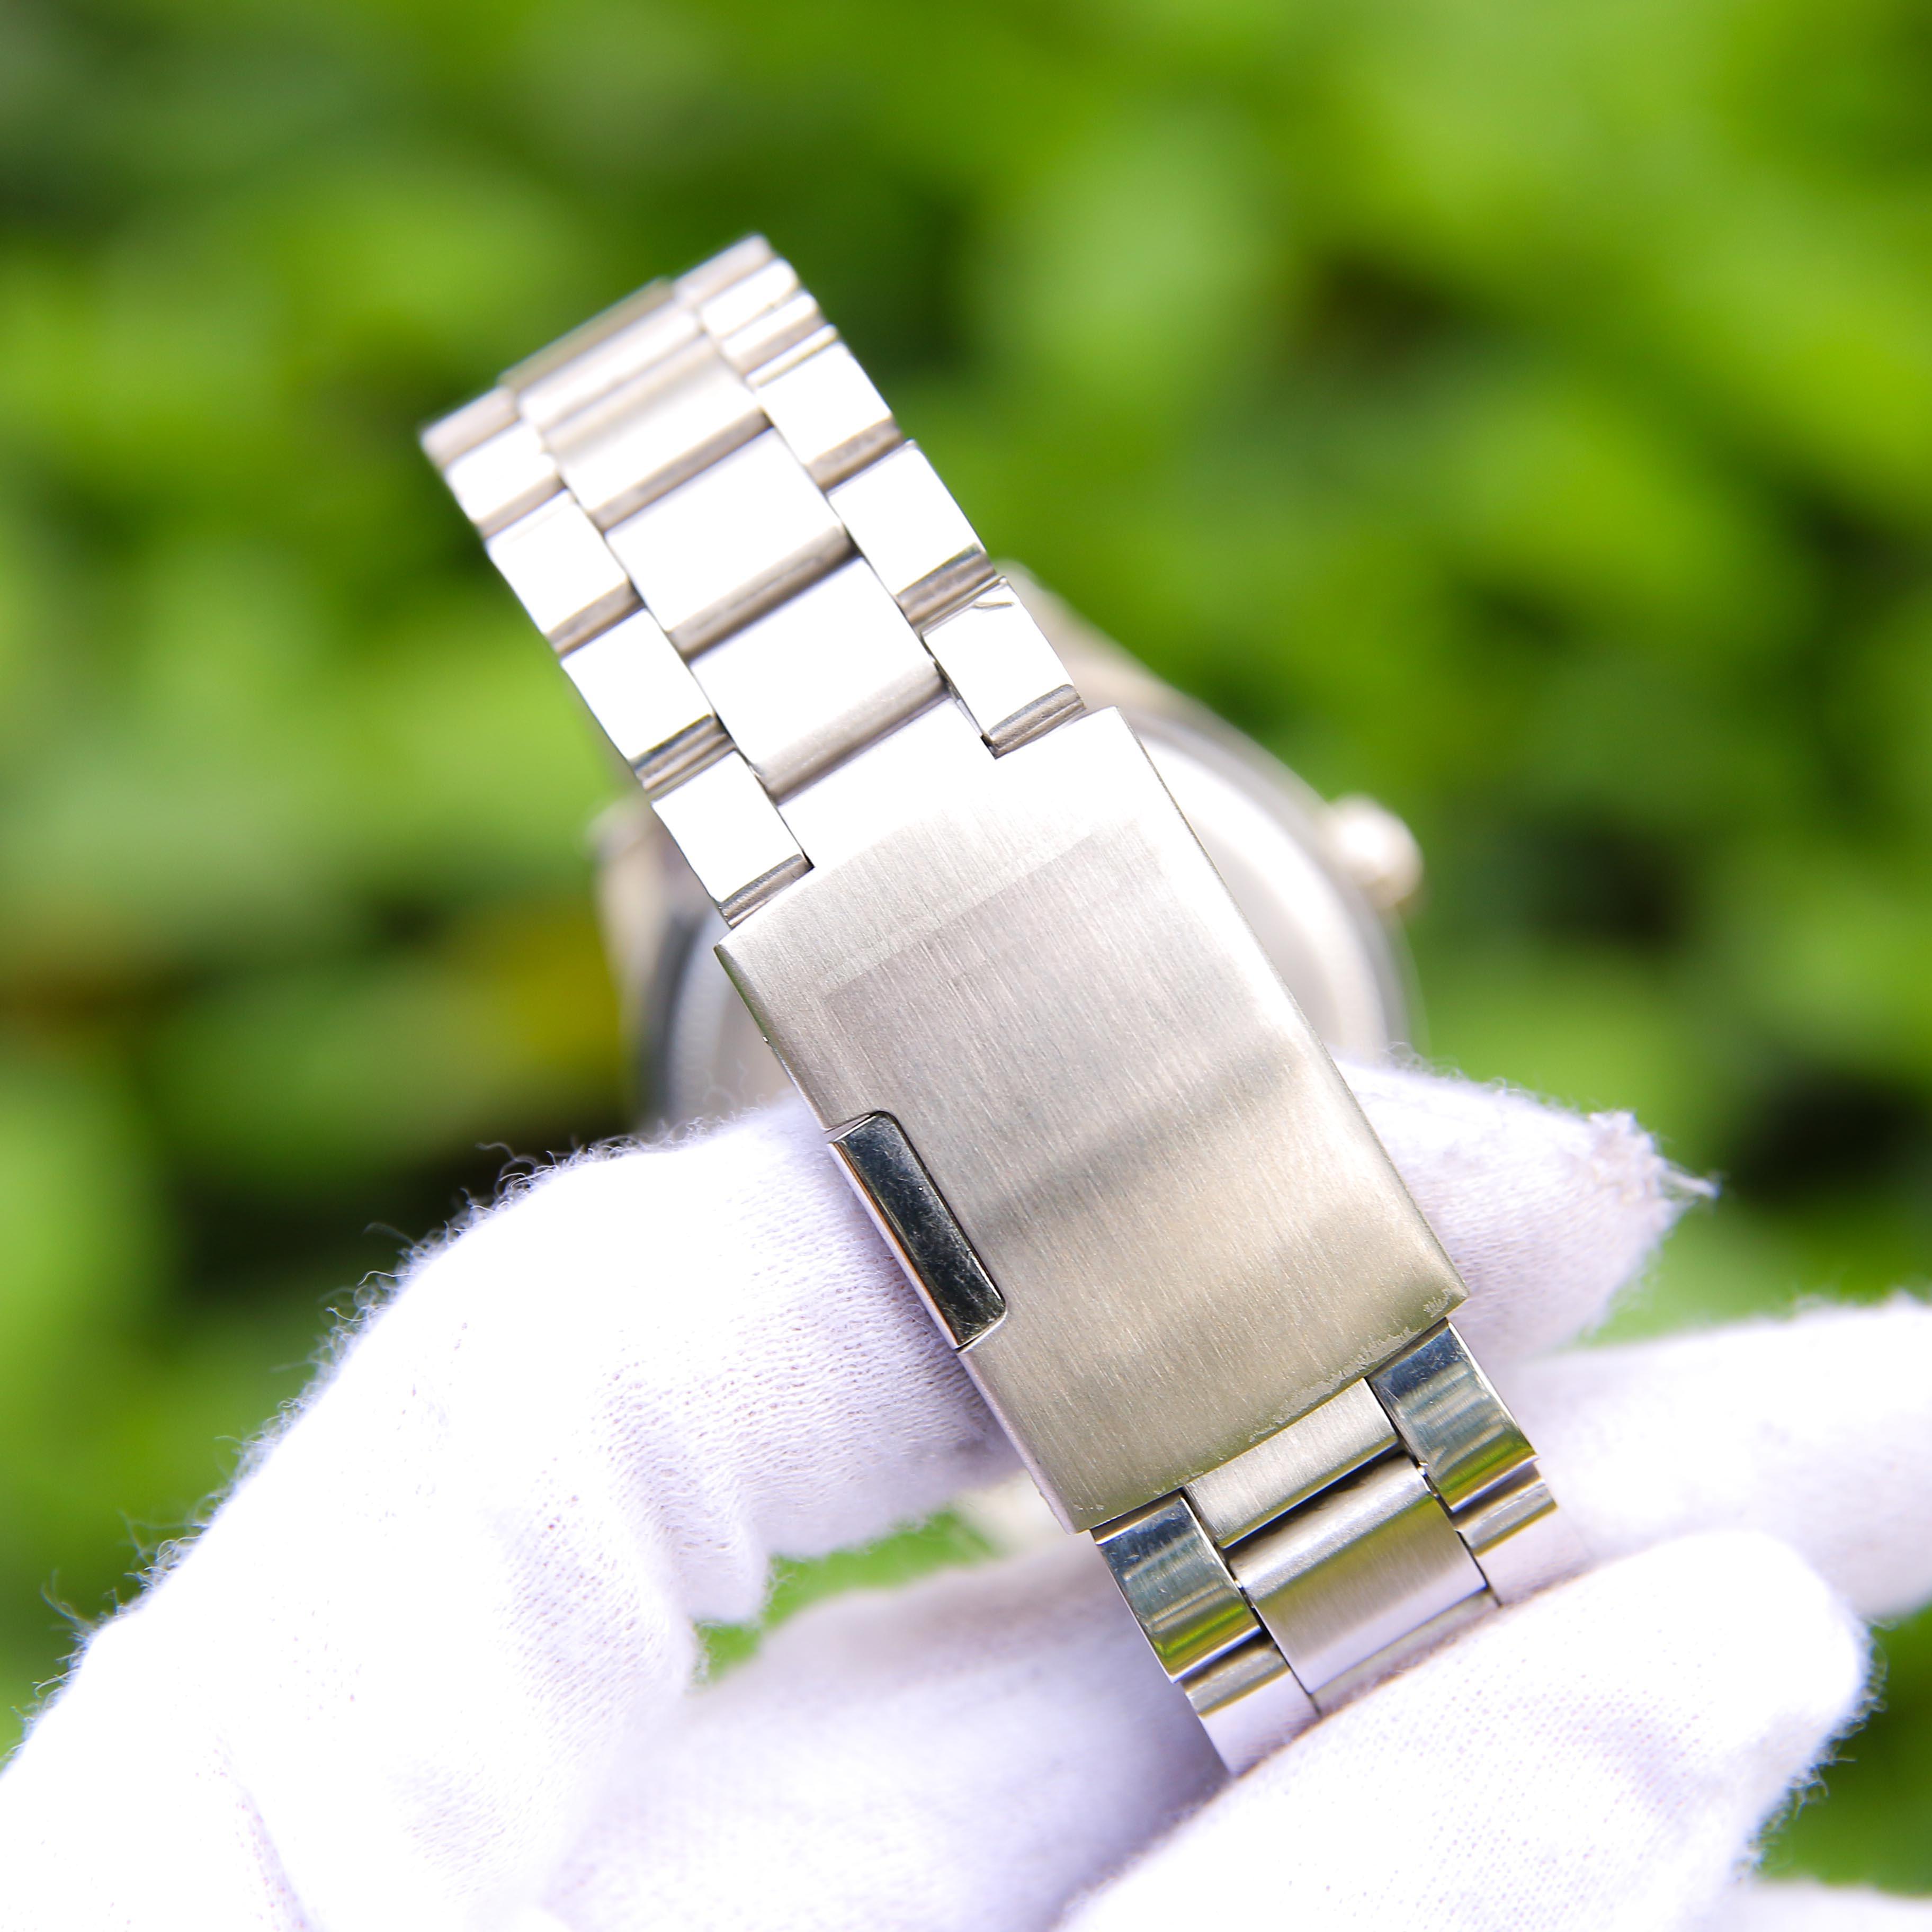 Đồng hồ nam công sở dây thép CT003050 phong cách Ý hiển thị 2 lịch ngày tháng – Thiết kế sang trọng – Lịch lãm